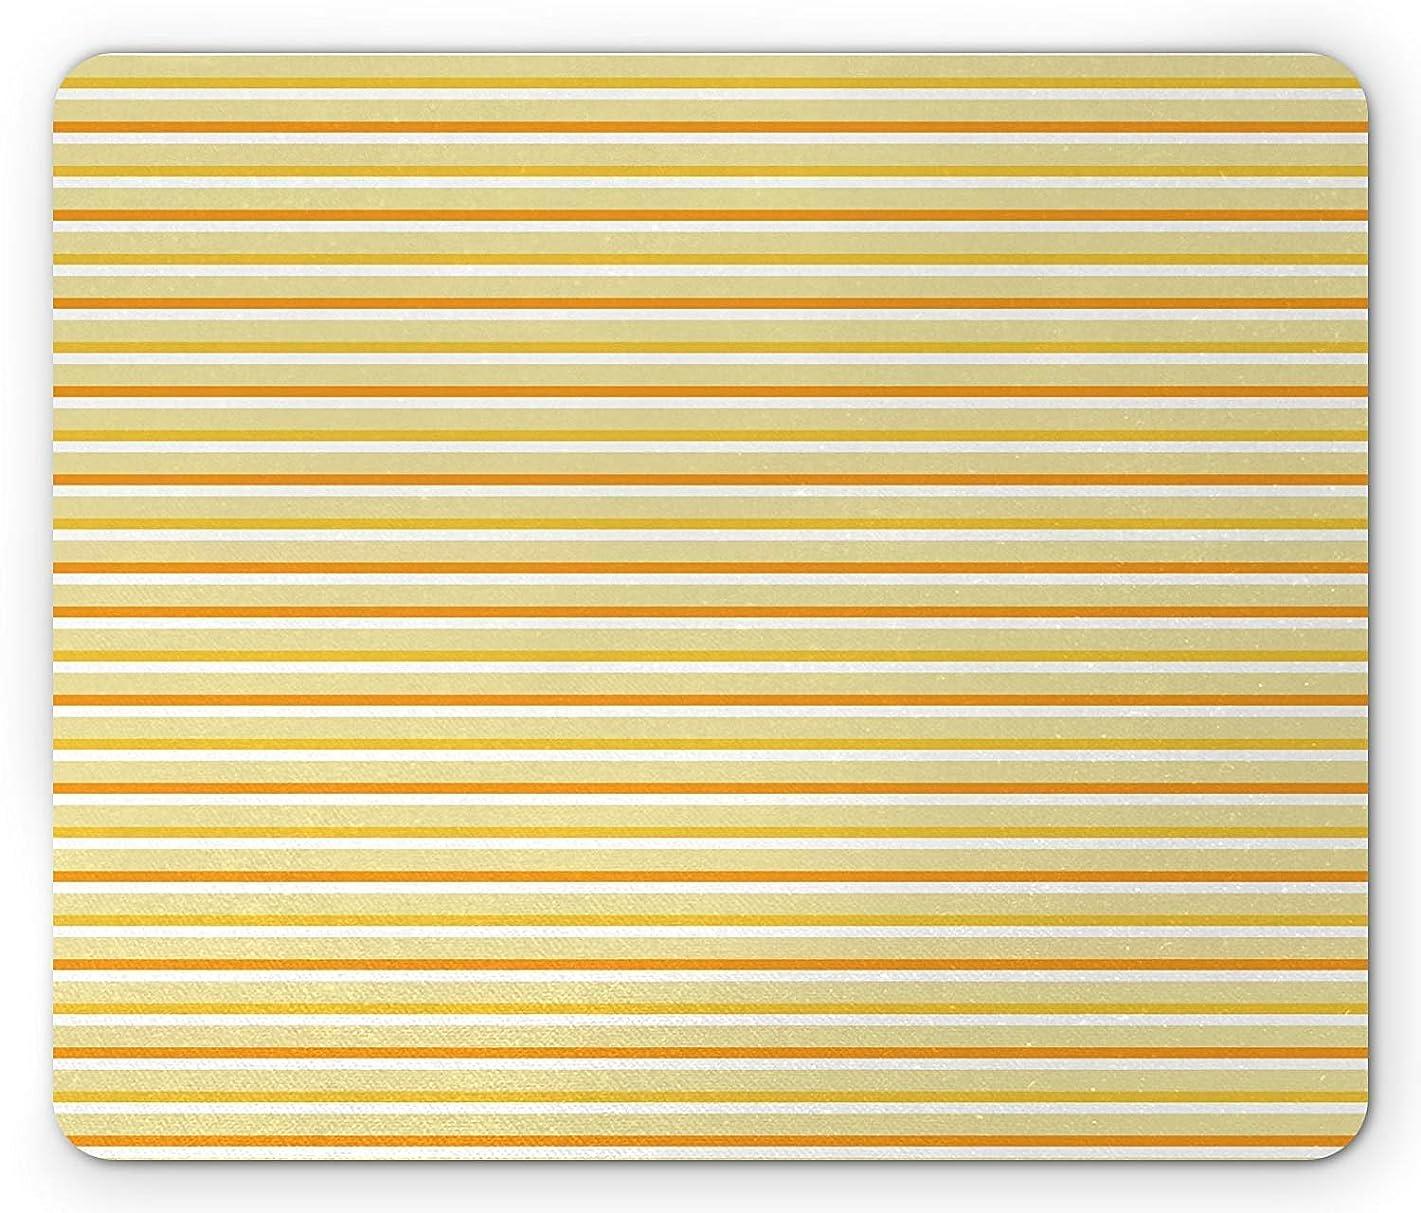 ただやるの慈悲で避難する黄色と白のマウスパッド、水平方向の秋の色のストライプクラシックヴィンテージ自然をテーマにした、標準サイズの長方形の滑り止めラバーマウスパッド、黄白オレンジ